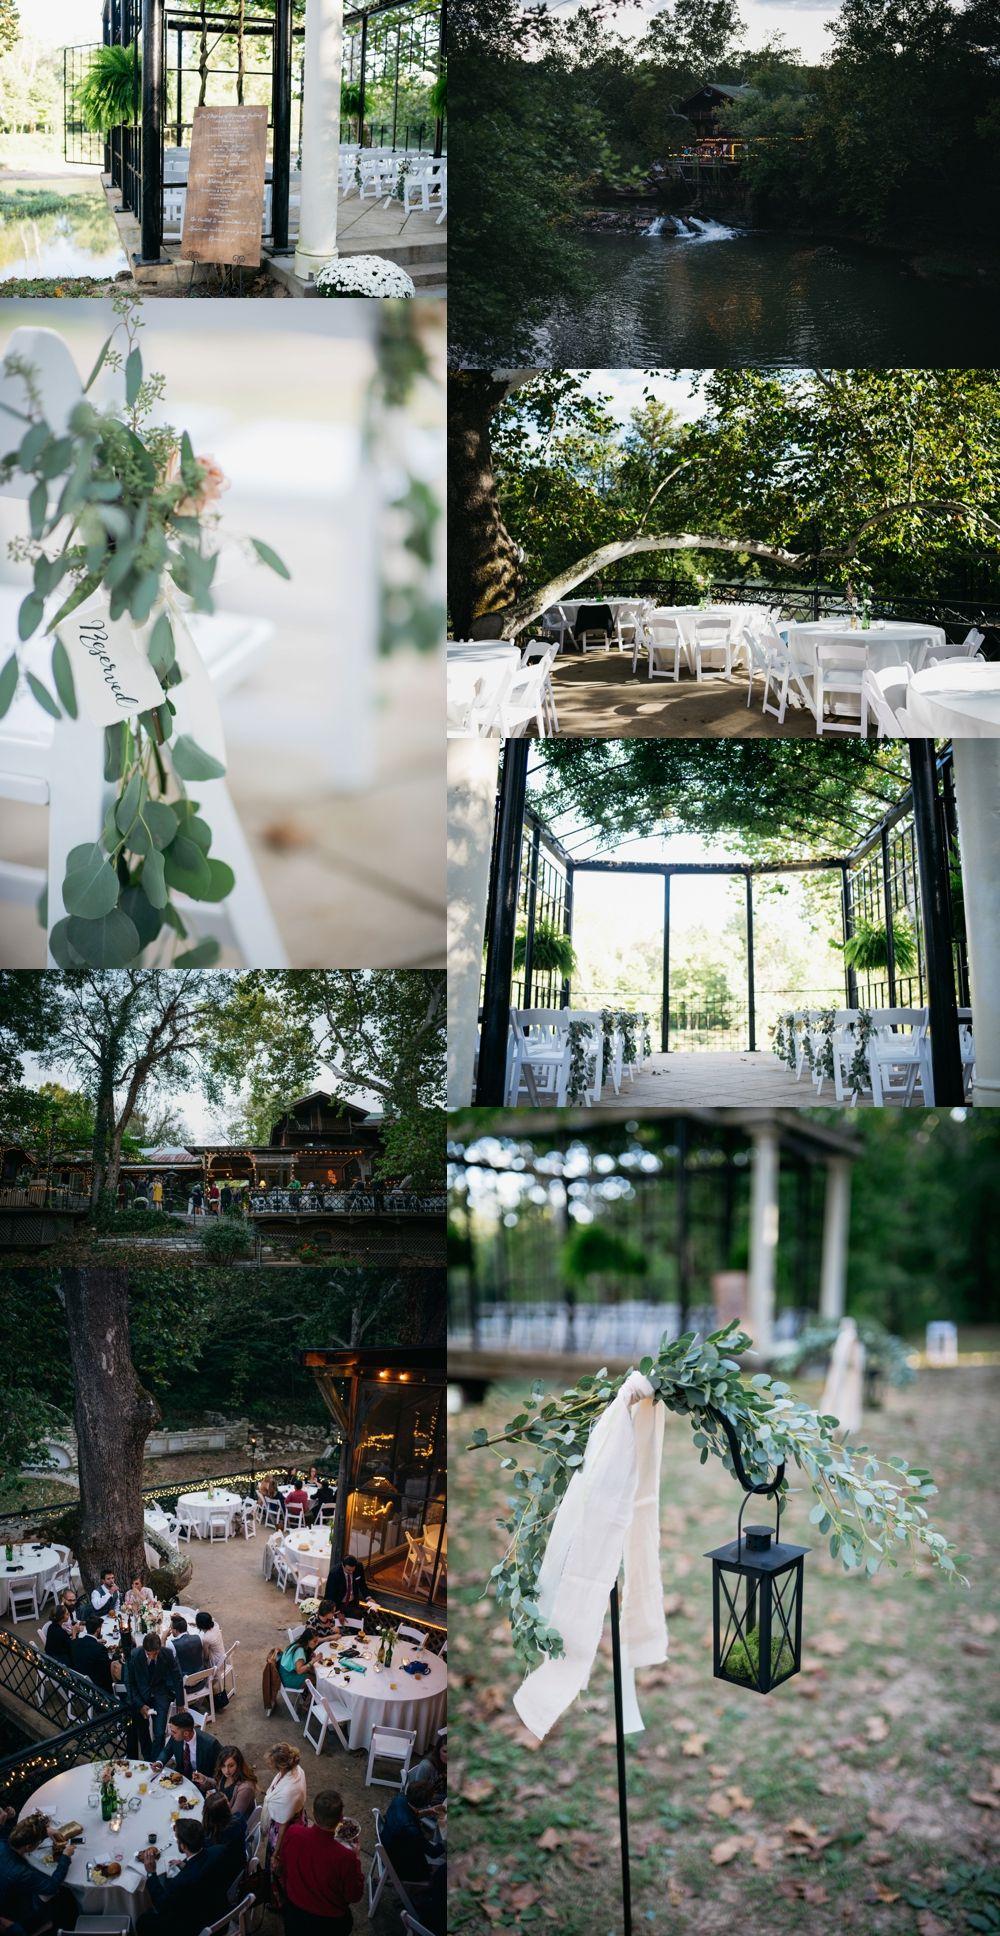 Enchanting Riverside Wedding - St. Louis Wedding and ...